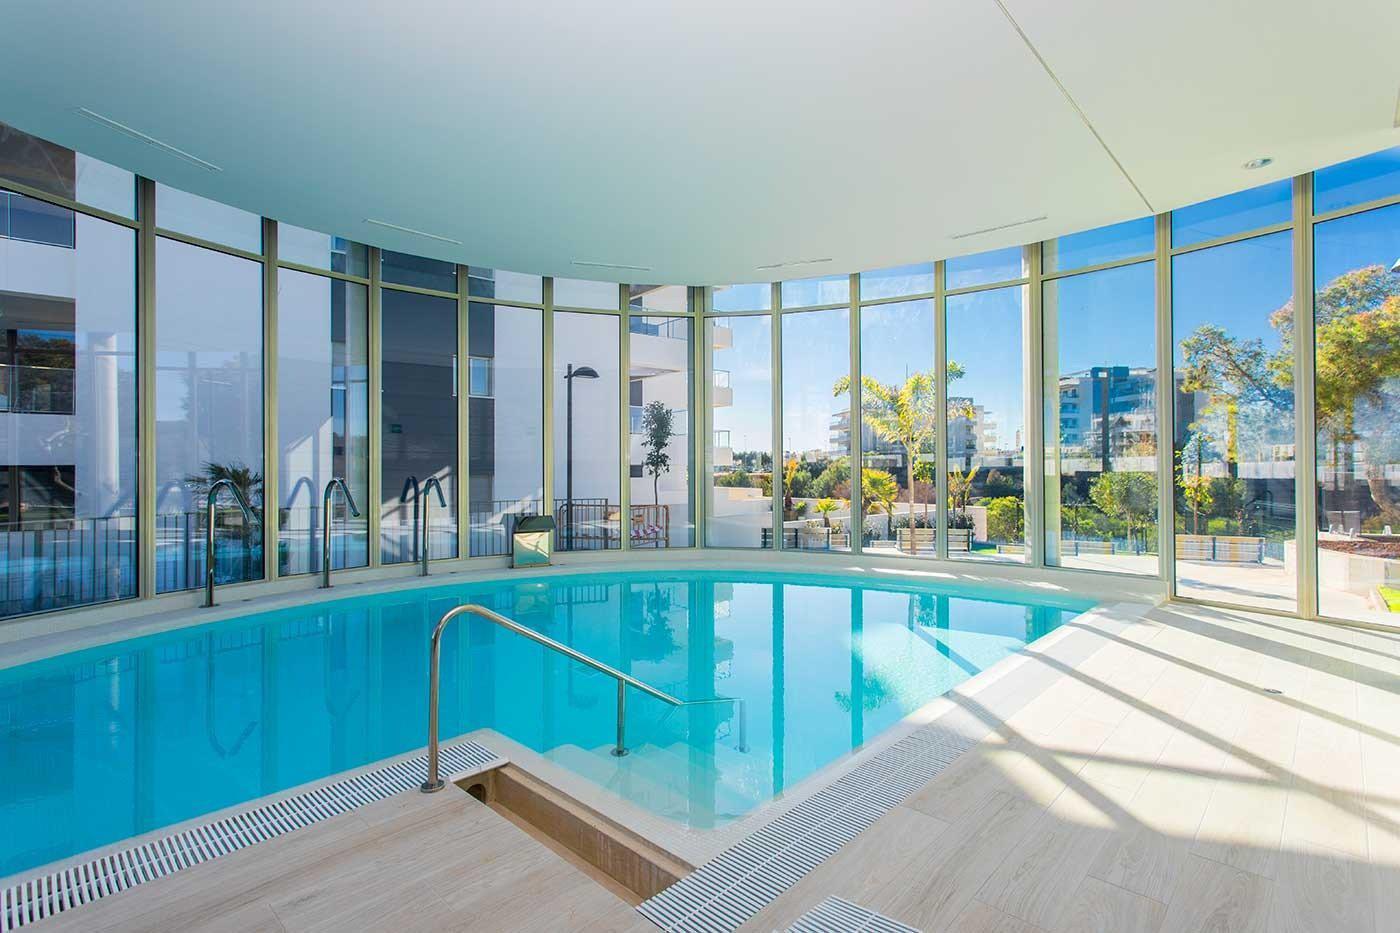 Complejo de estilo moderno con apartamentos de 2,3 dormitorios y 2 baños con amplias terra - imagenInmueble0